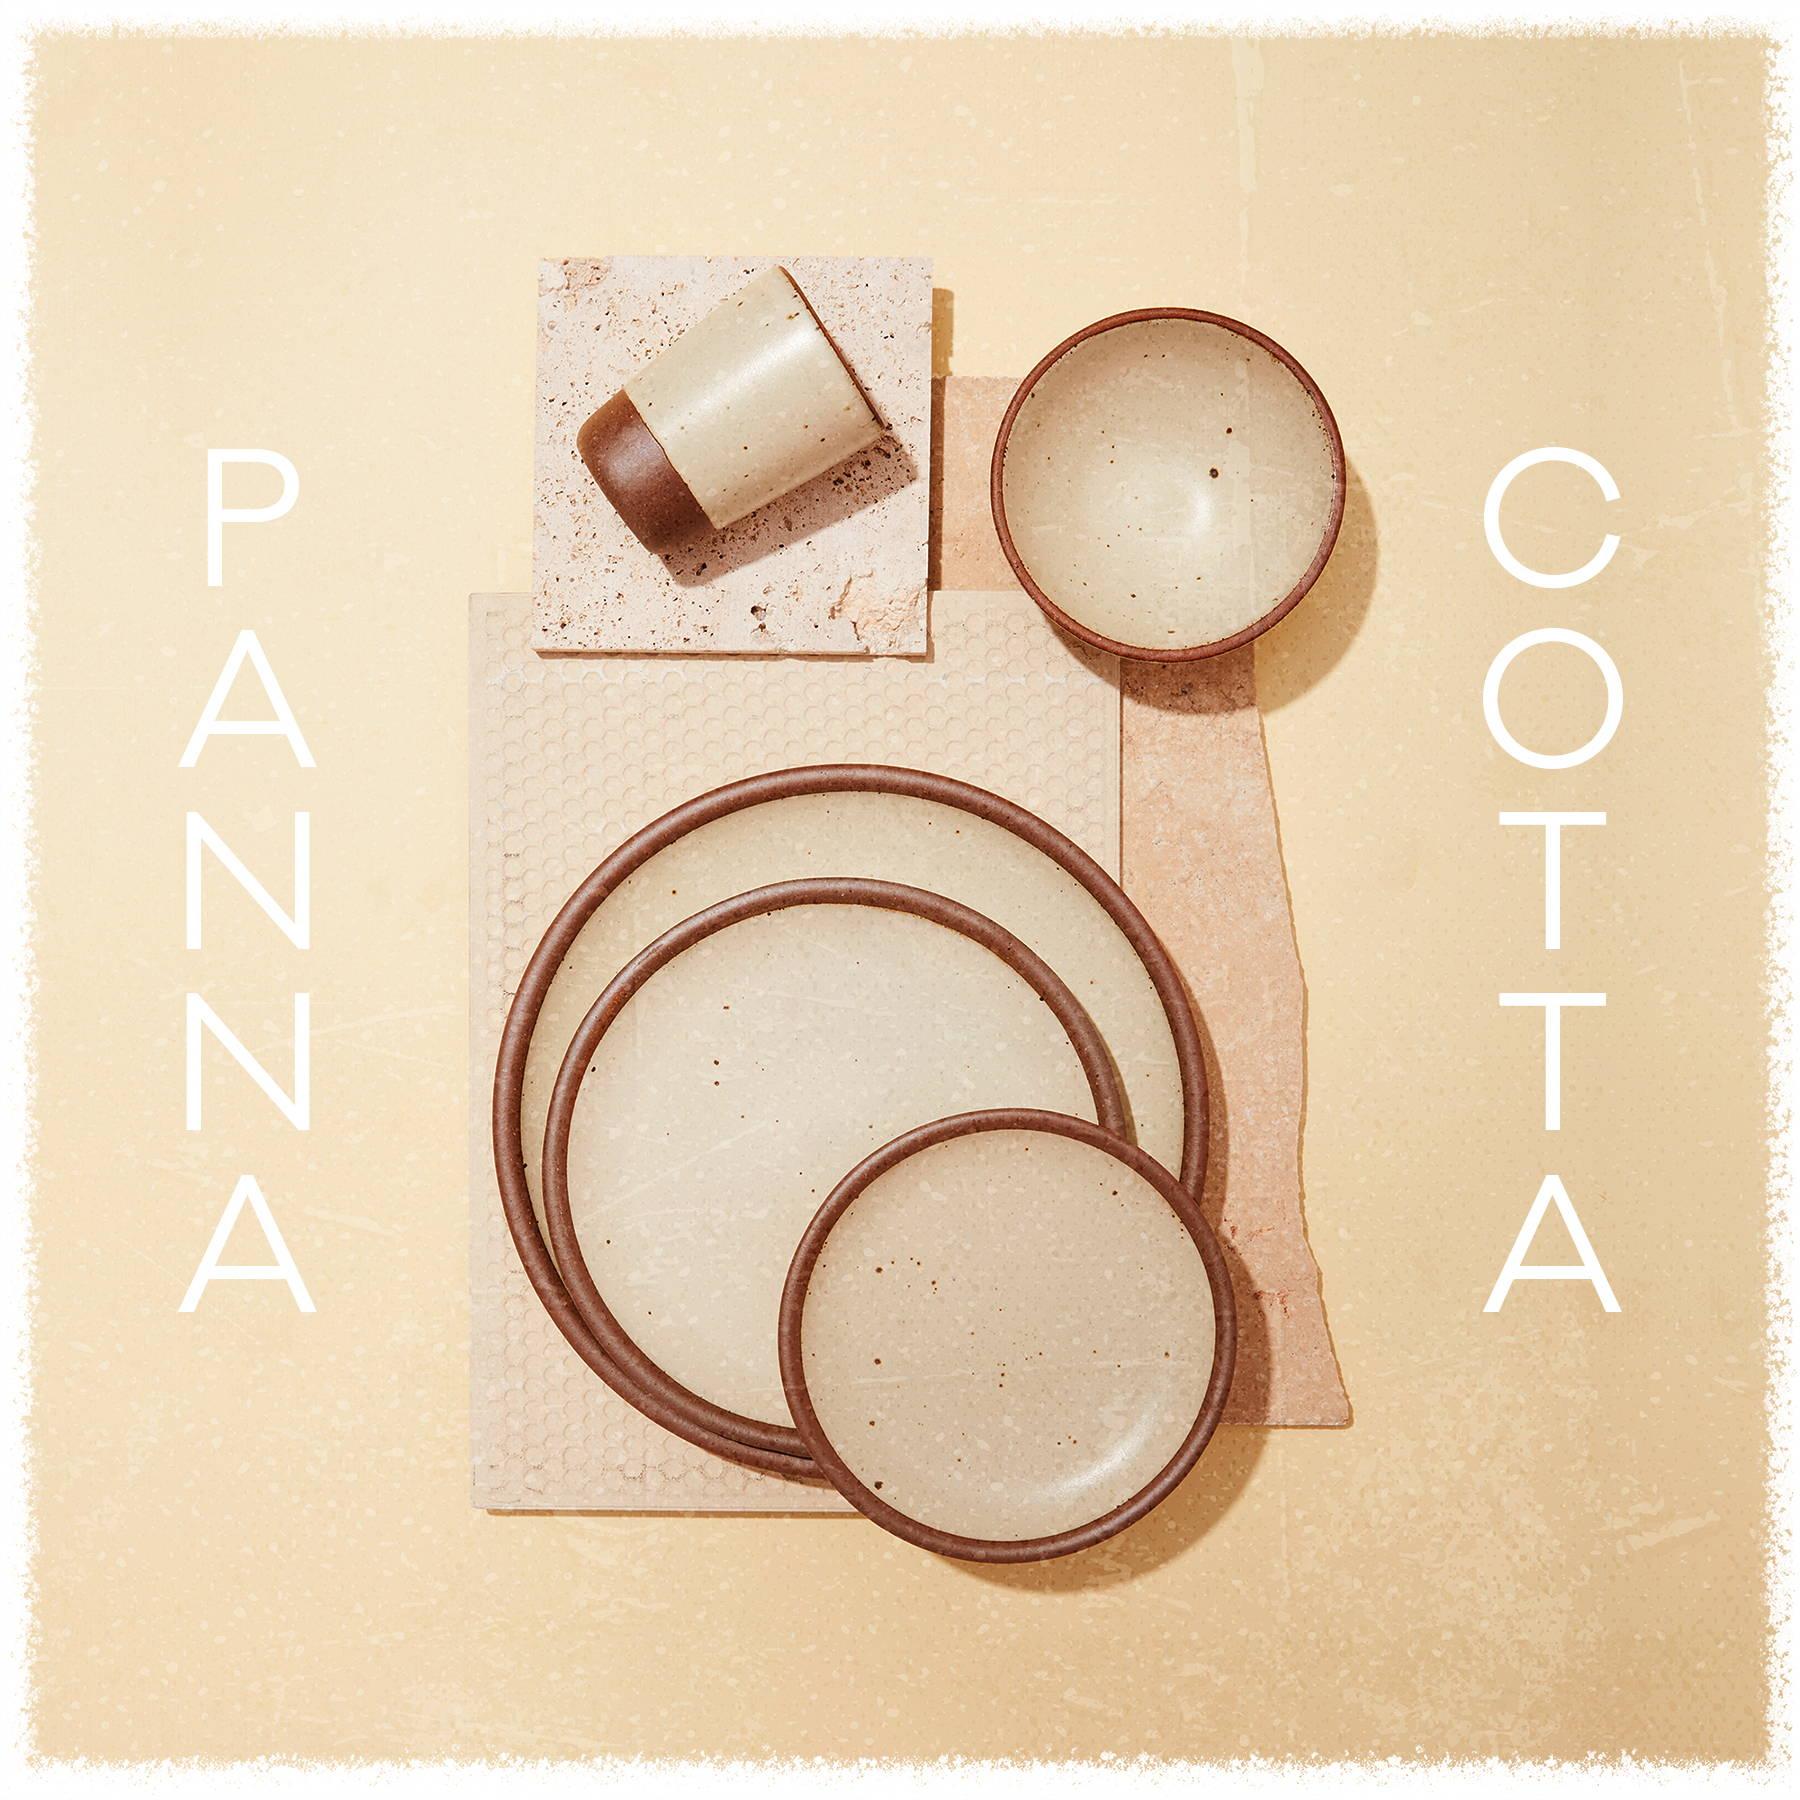 Panna Cotta playlist